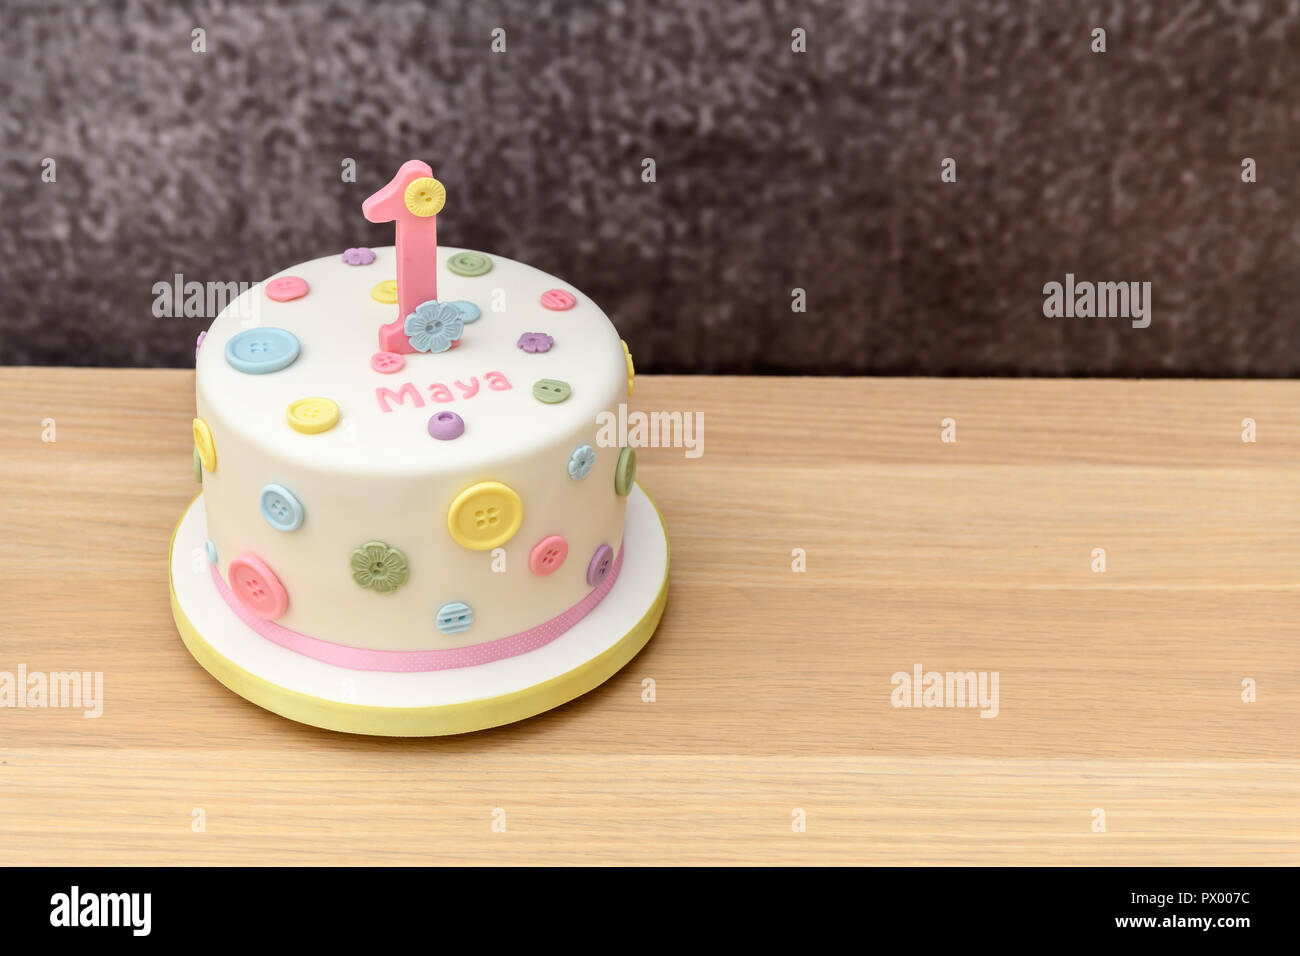 Homemade 1st Birthday Cake Stock Photo Alamy